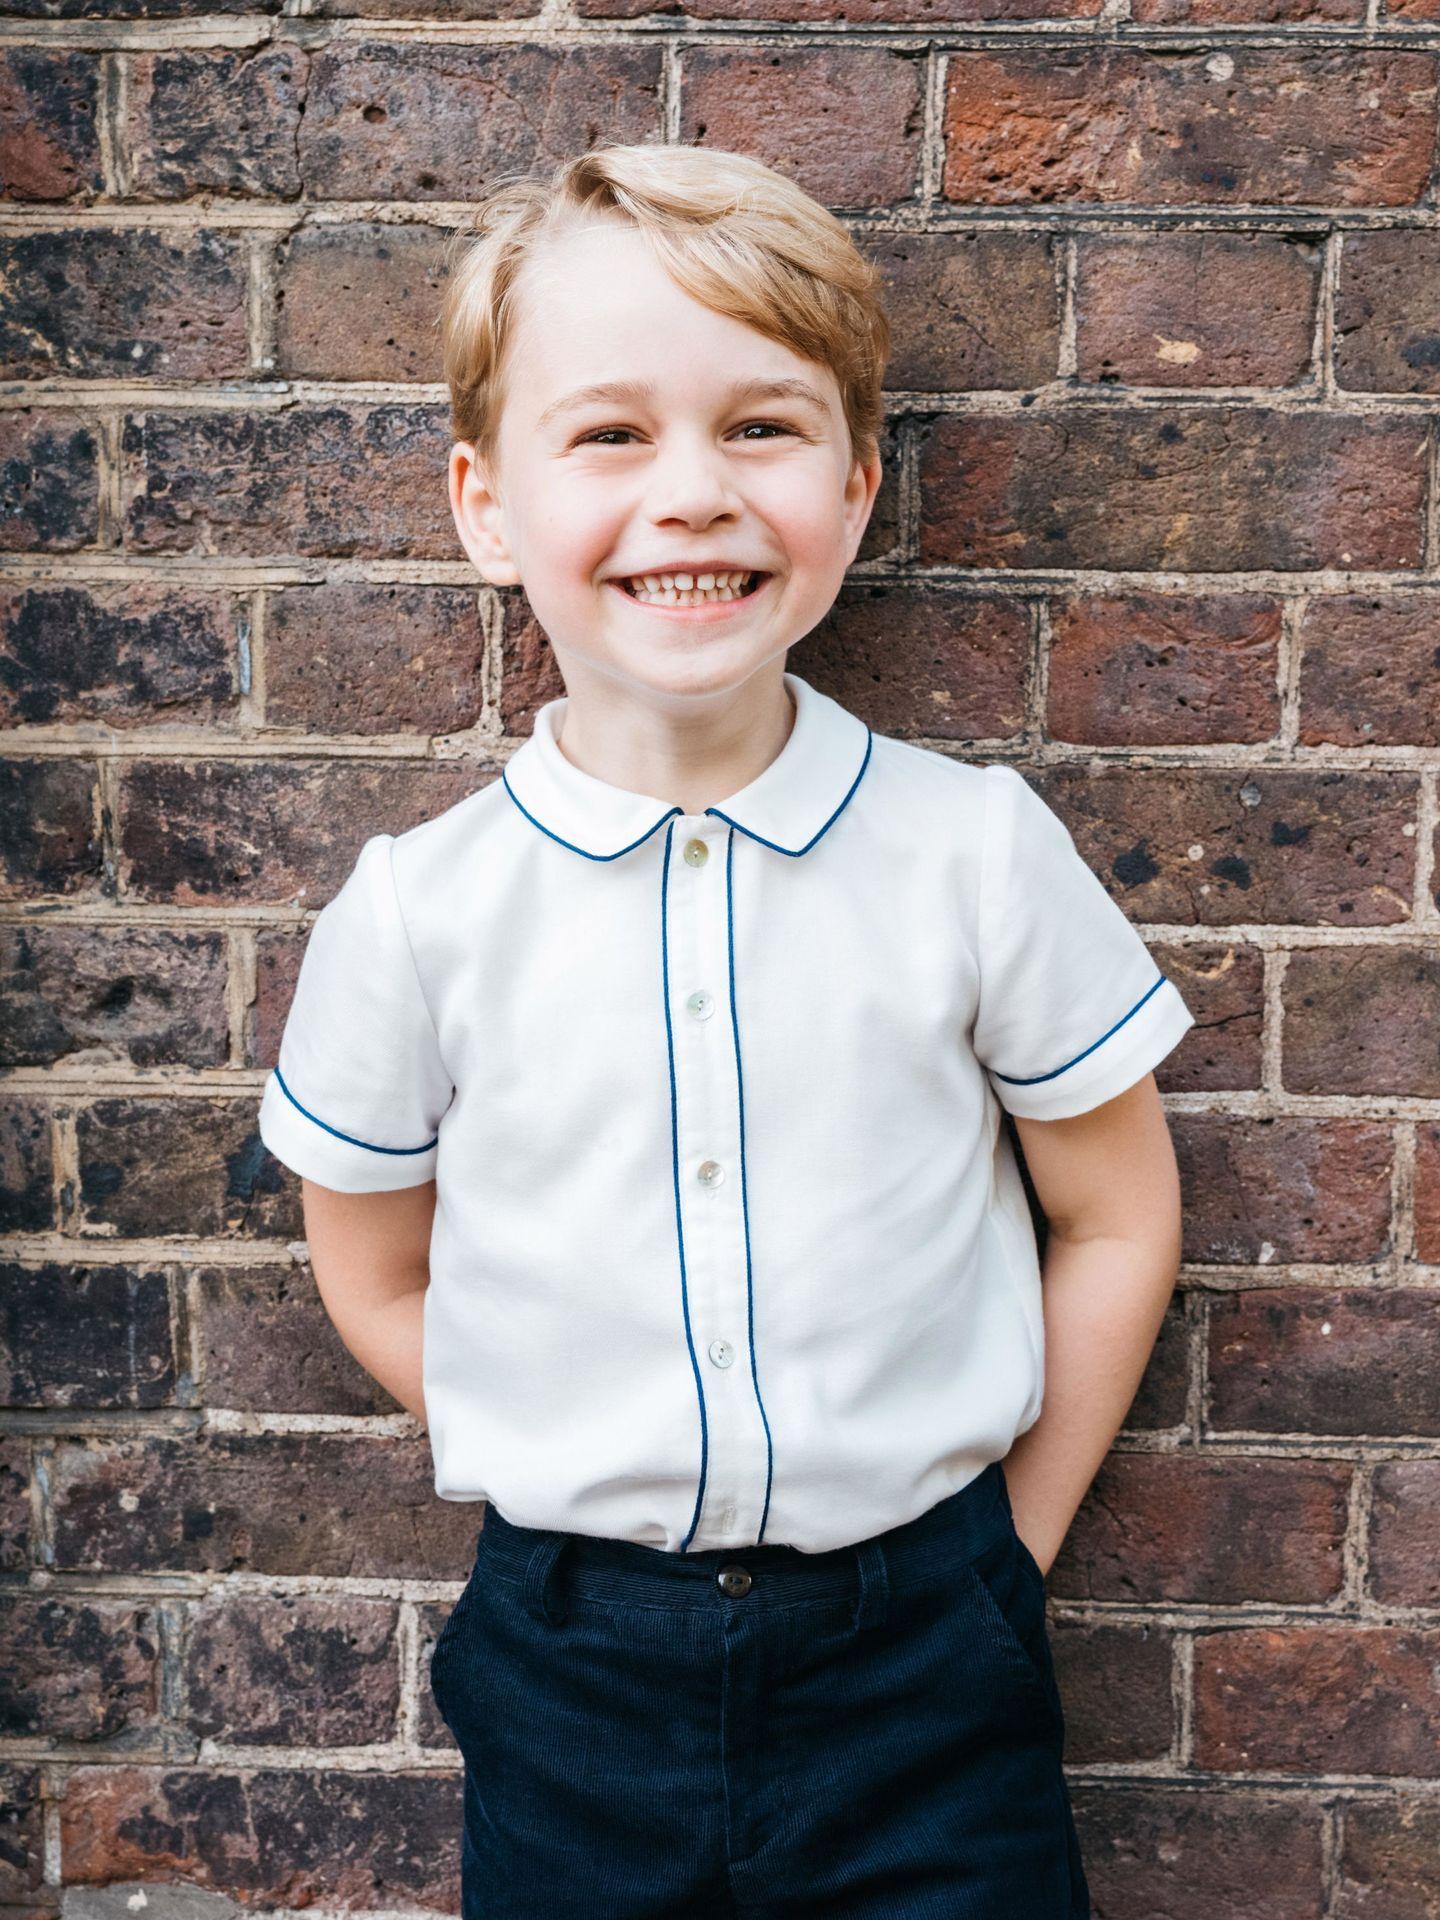 Fotografía oficial del príncipe George por su quinto cumpleaños. (EFE)